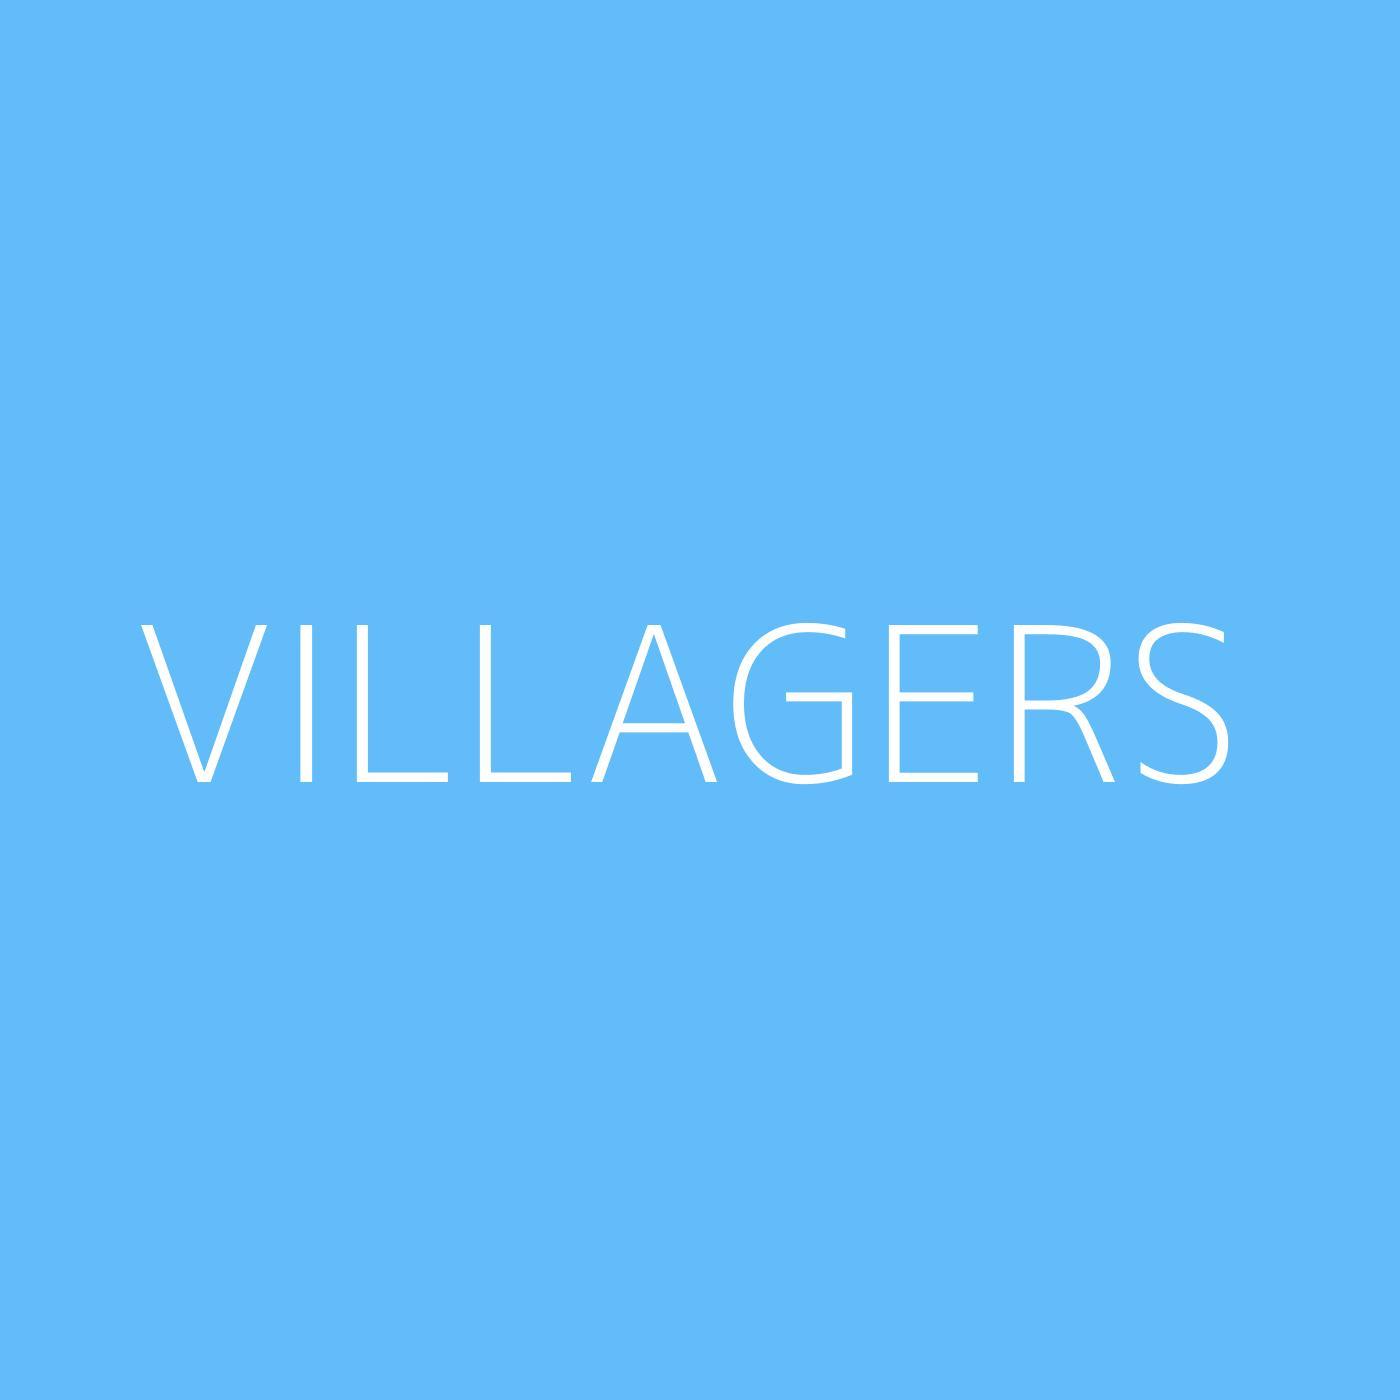 Villagers Playlist Artwork